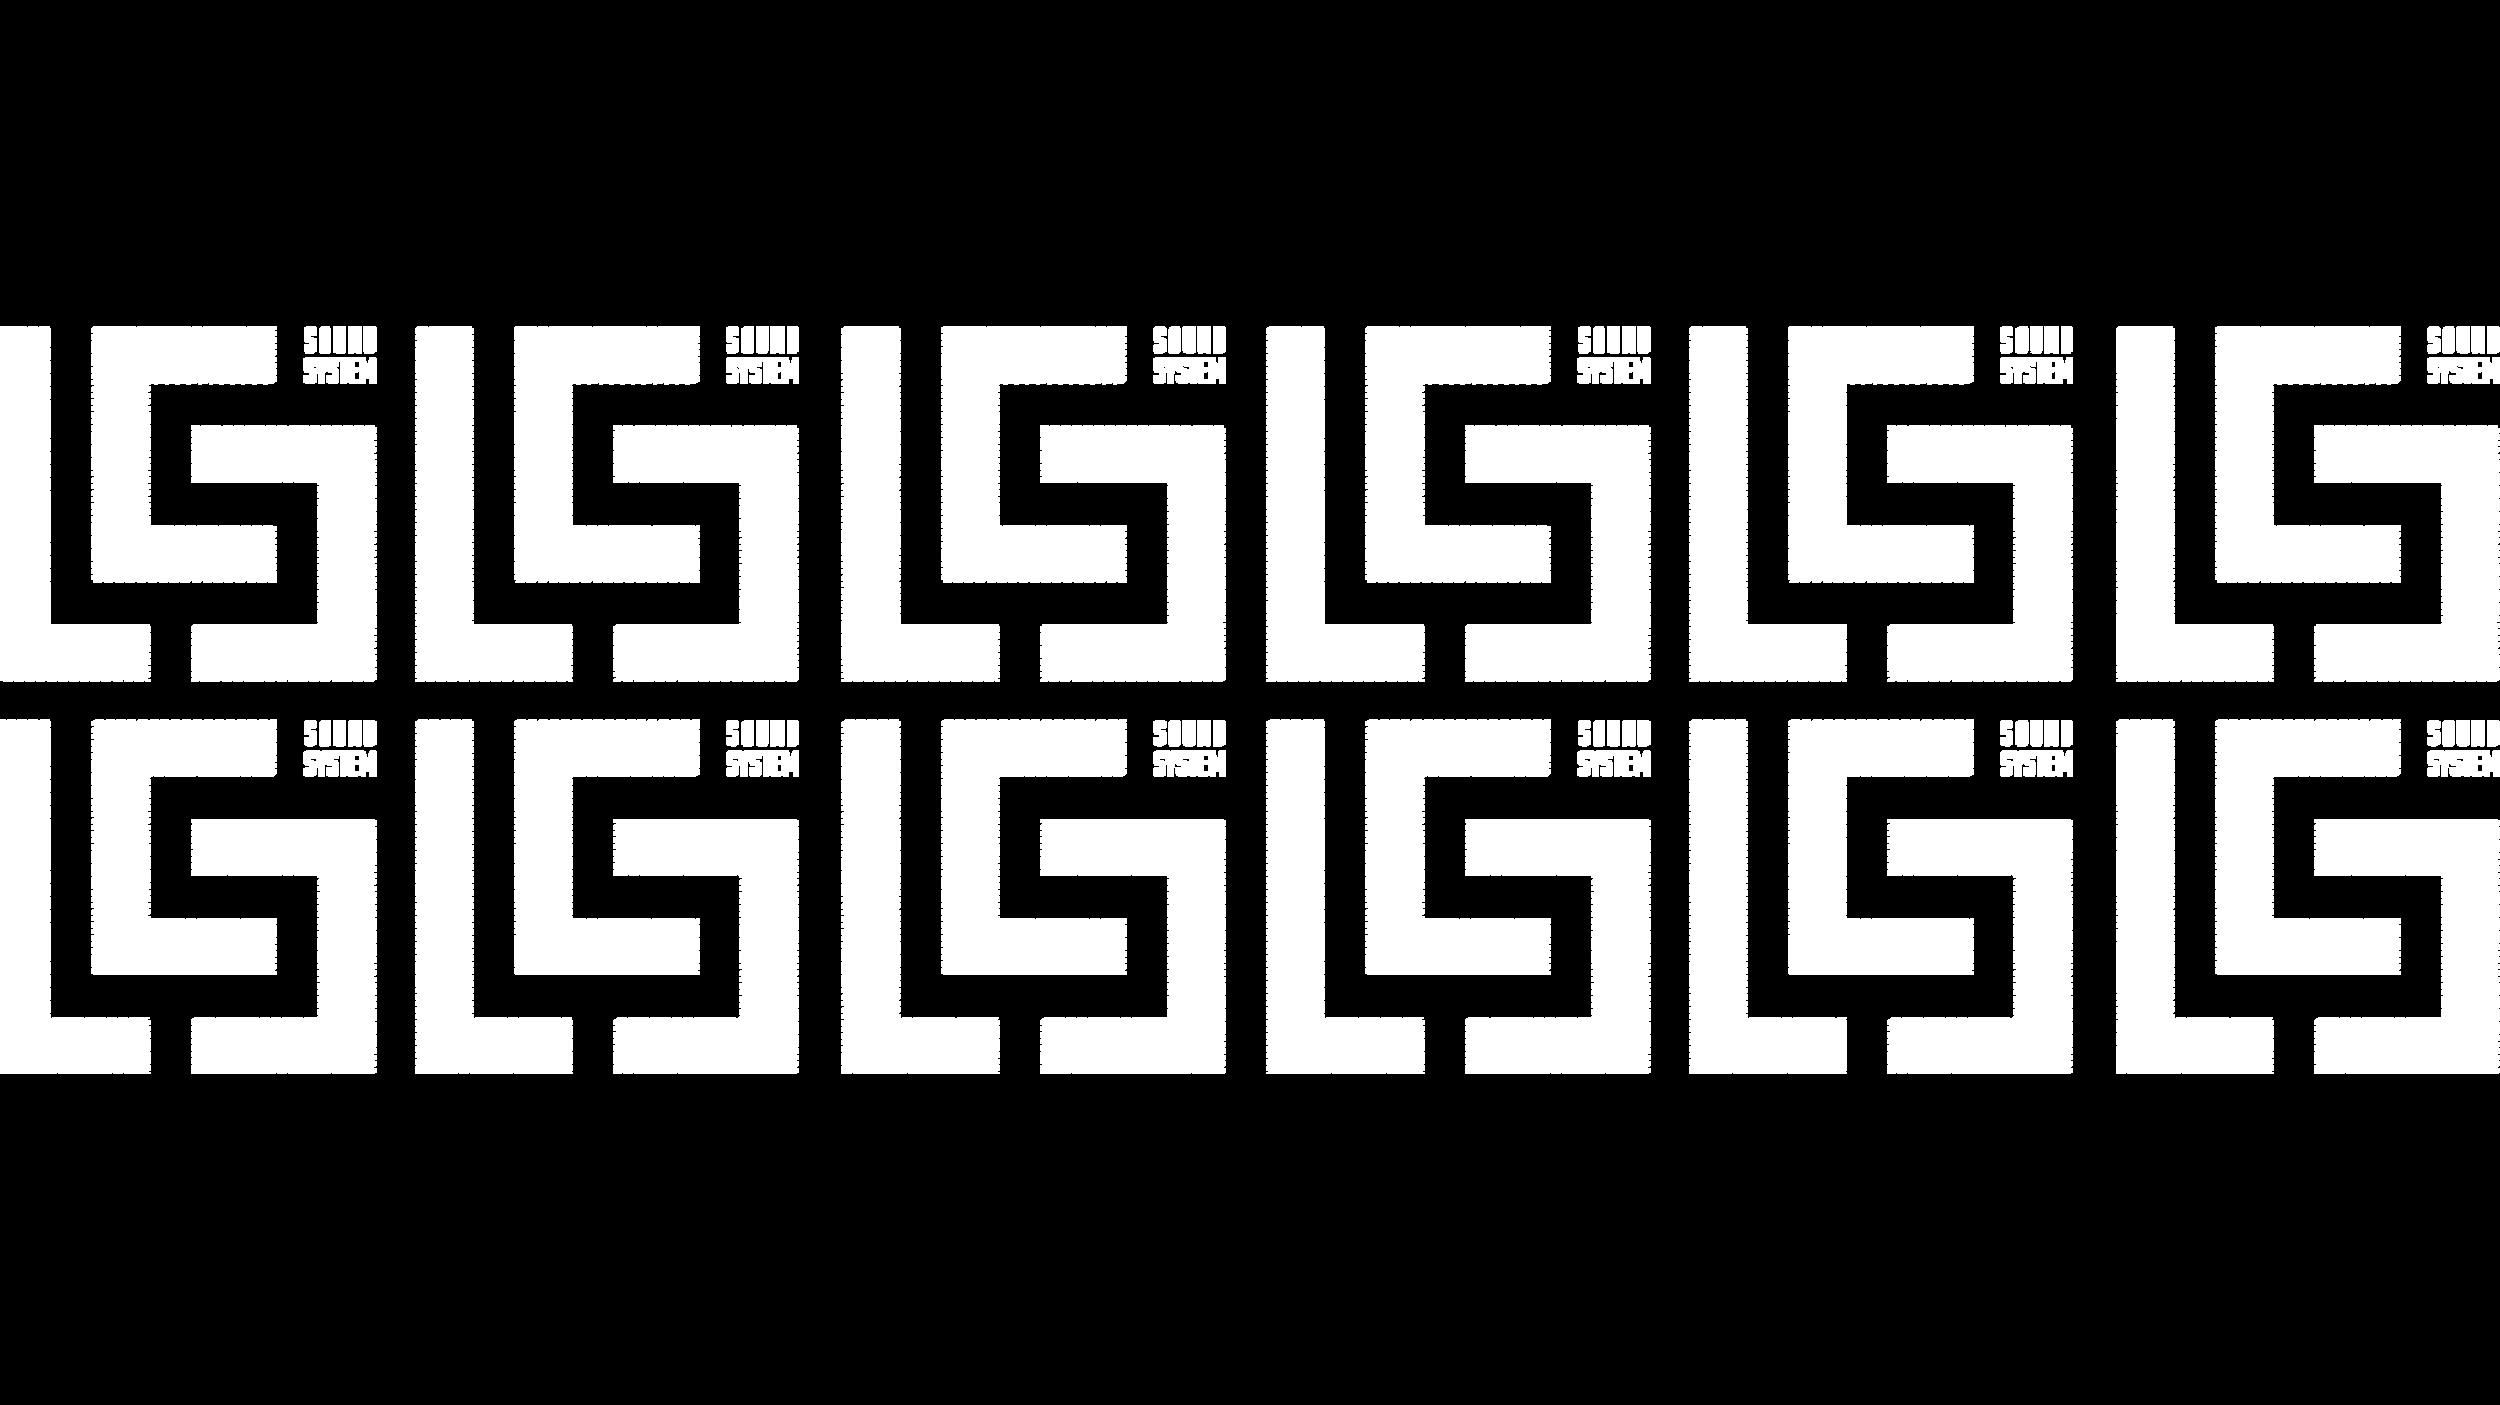 i/o / lcd soundsystem — a / braswell